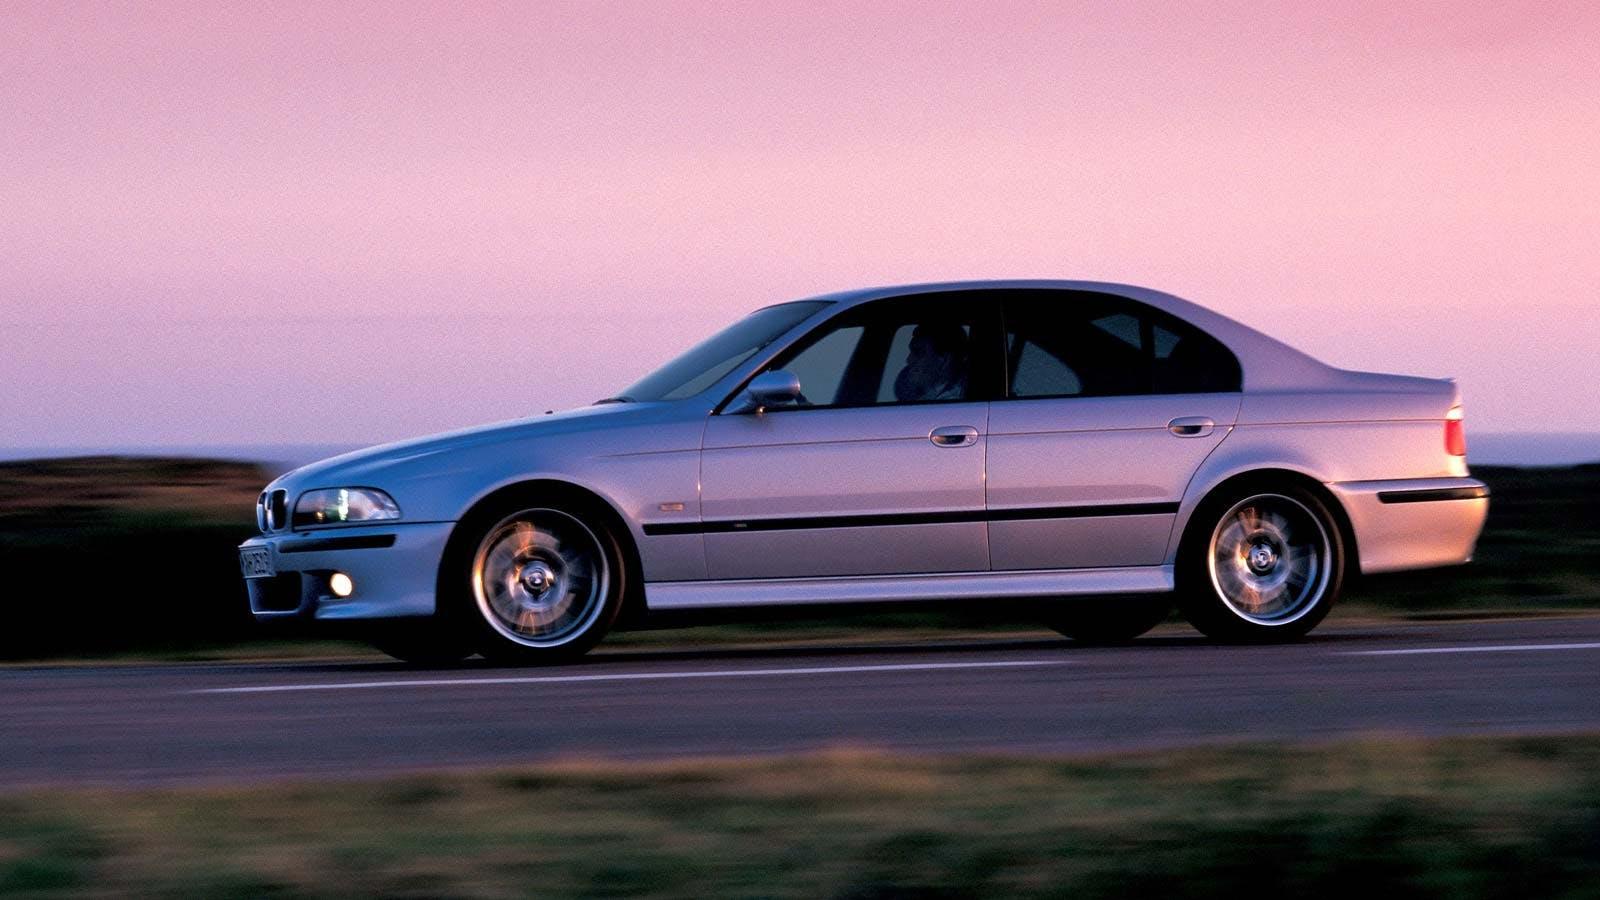 Testas apie automobilius: kiek išmanai apie BMW?